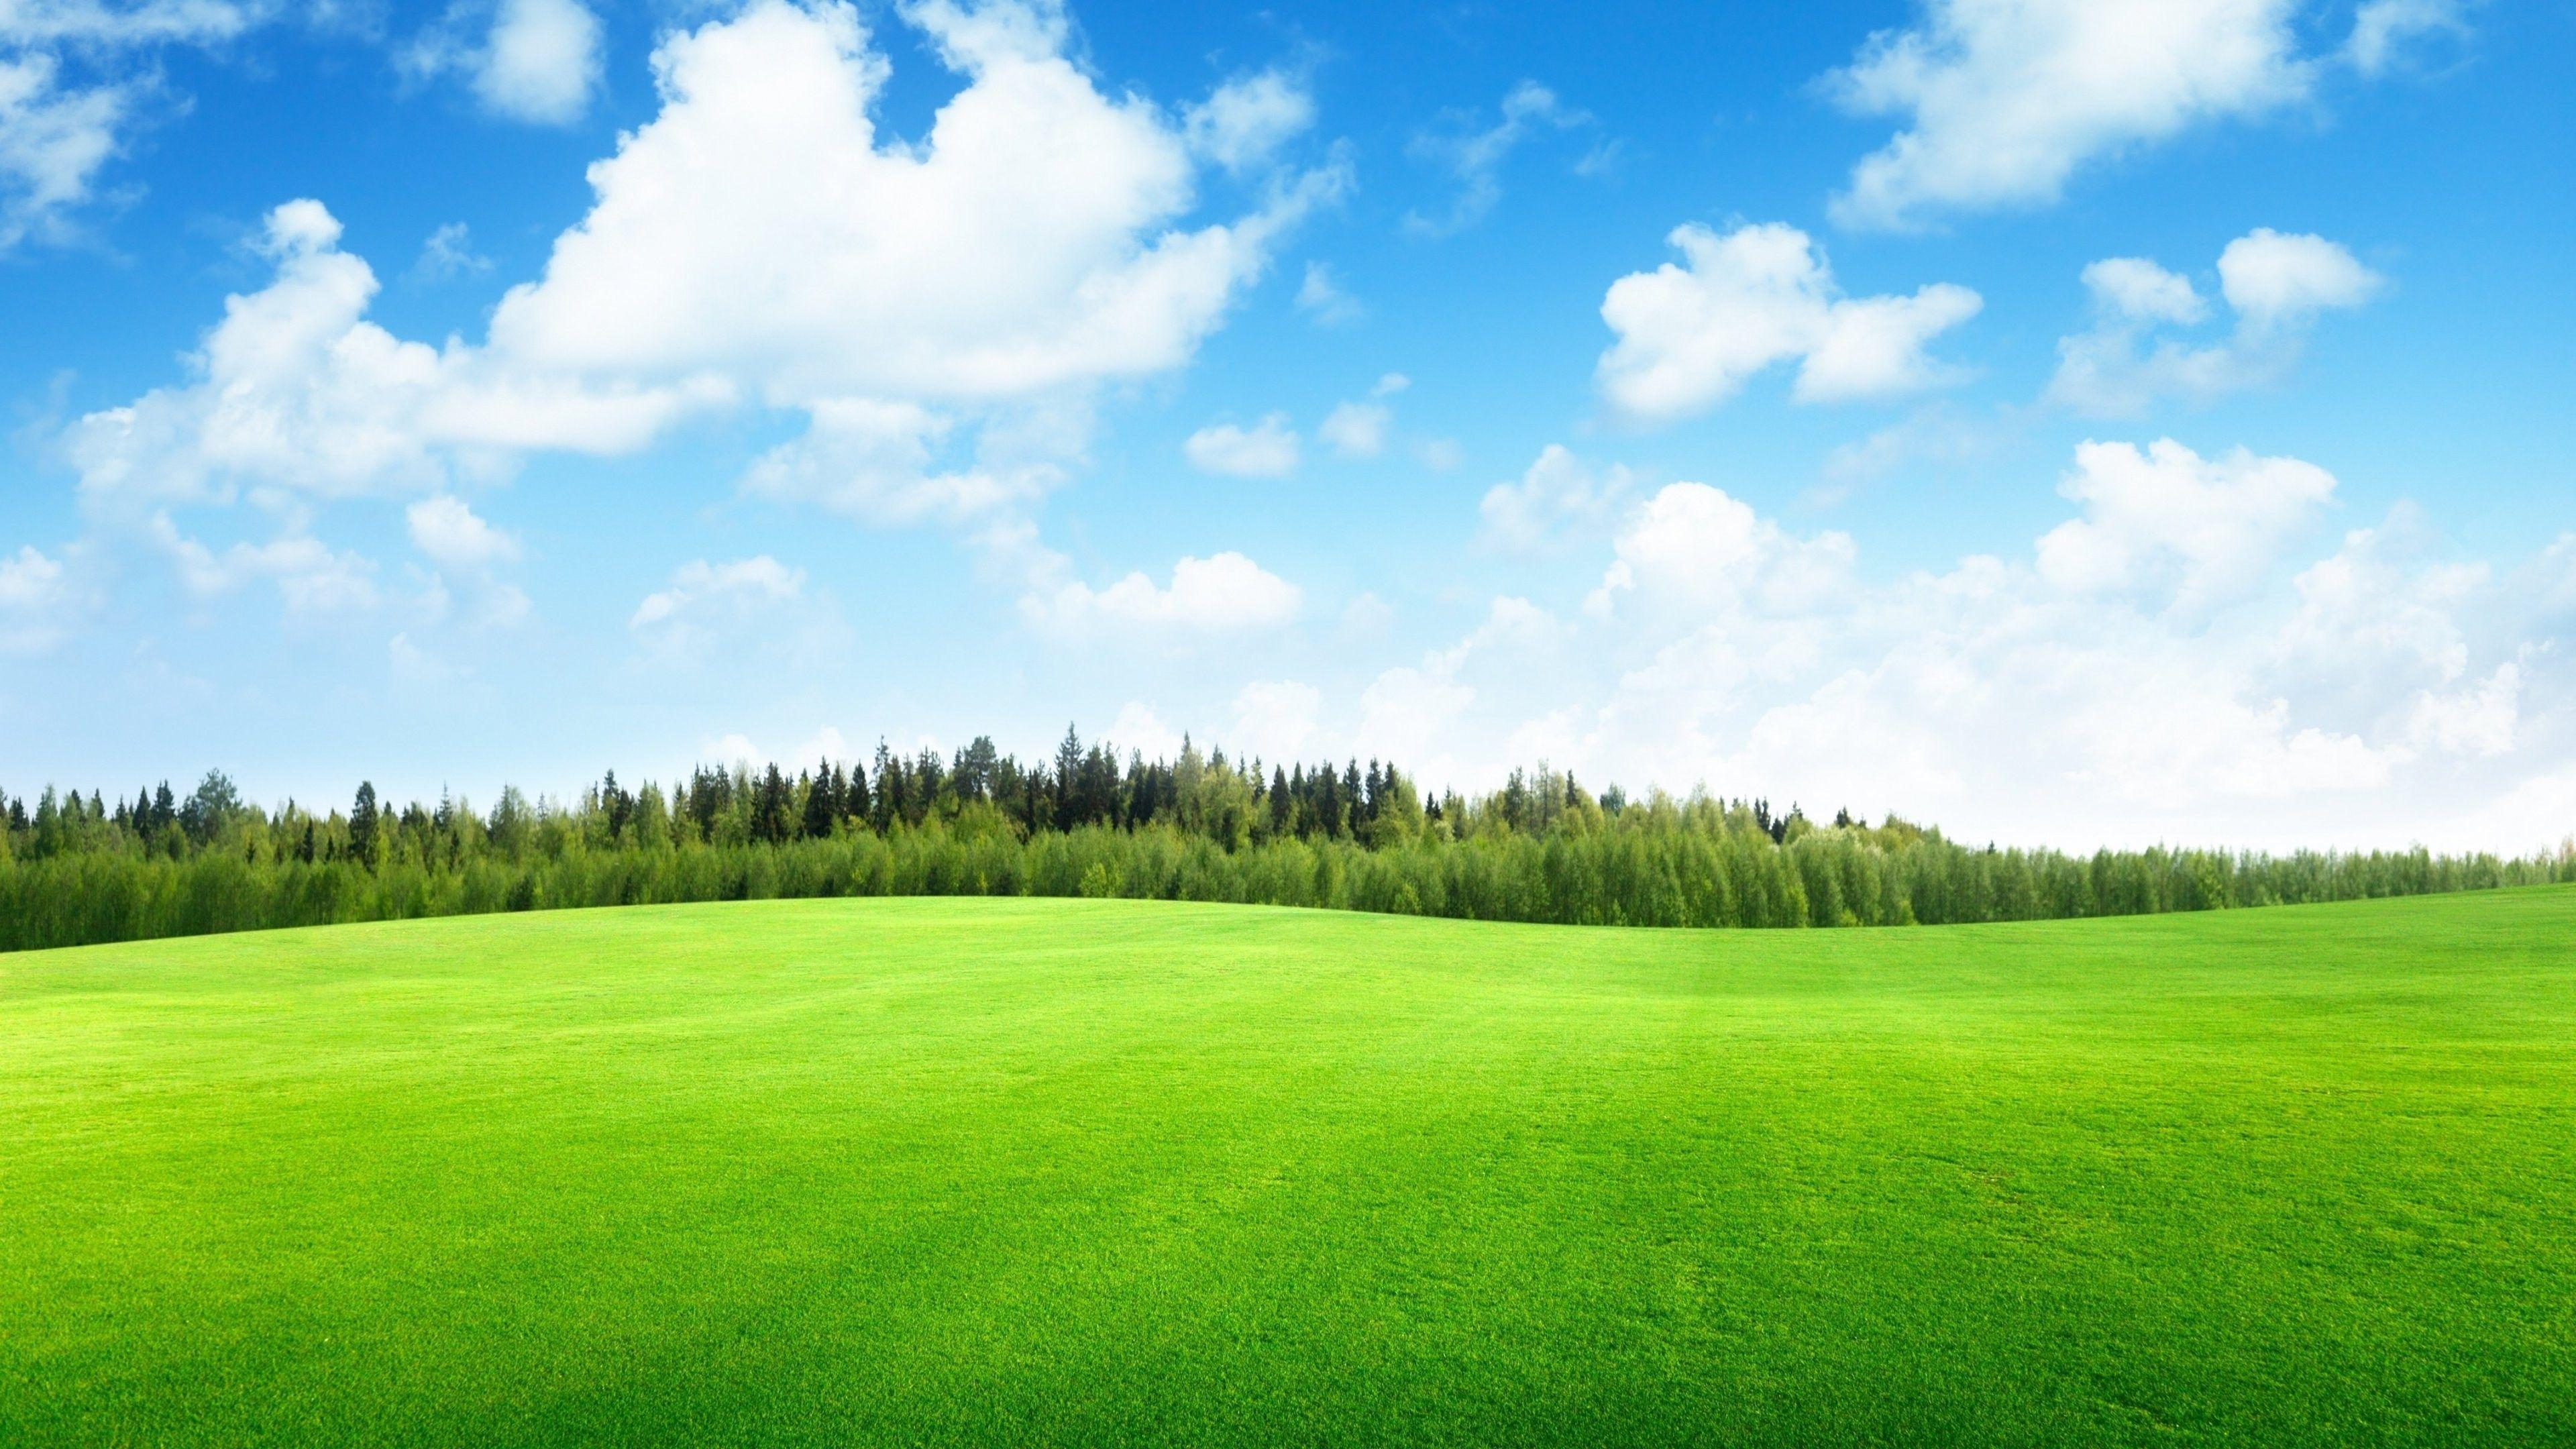 Clouds Trees Grass Hd Wallpapers Wallpaper Cave Wallpaper grass field rainbow hill fog